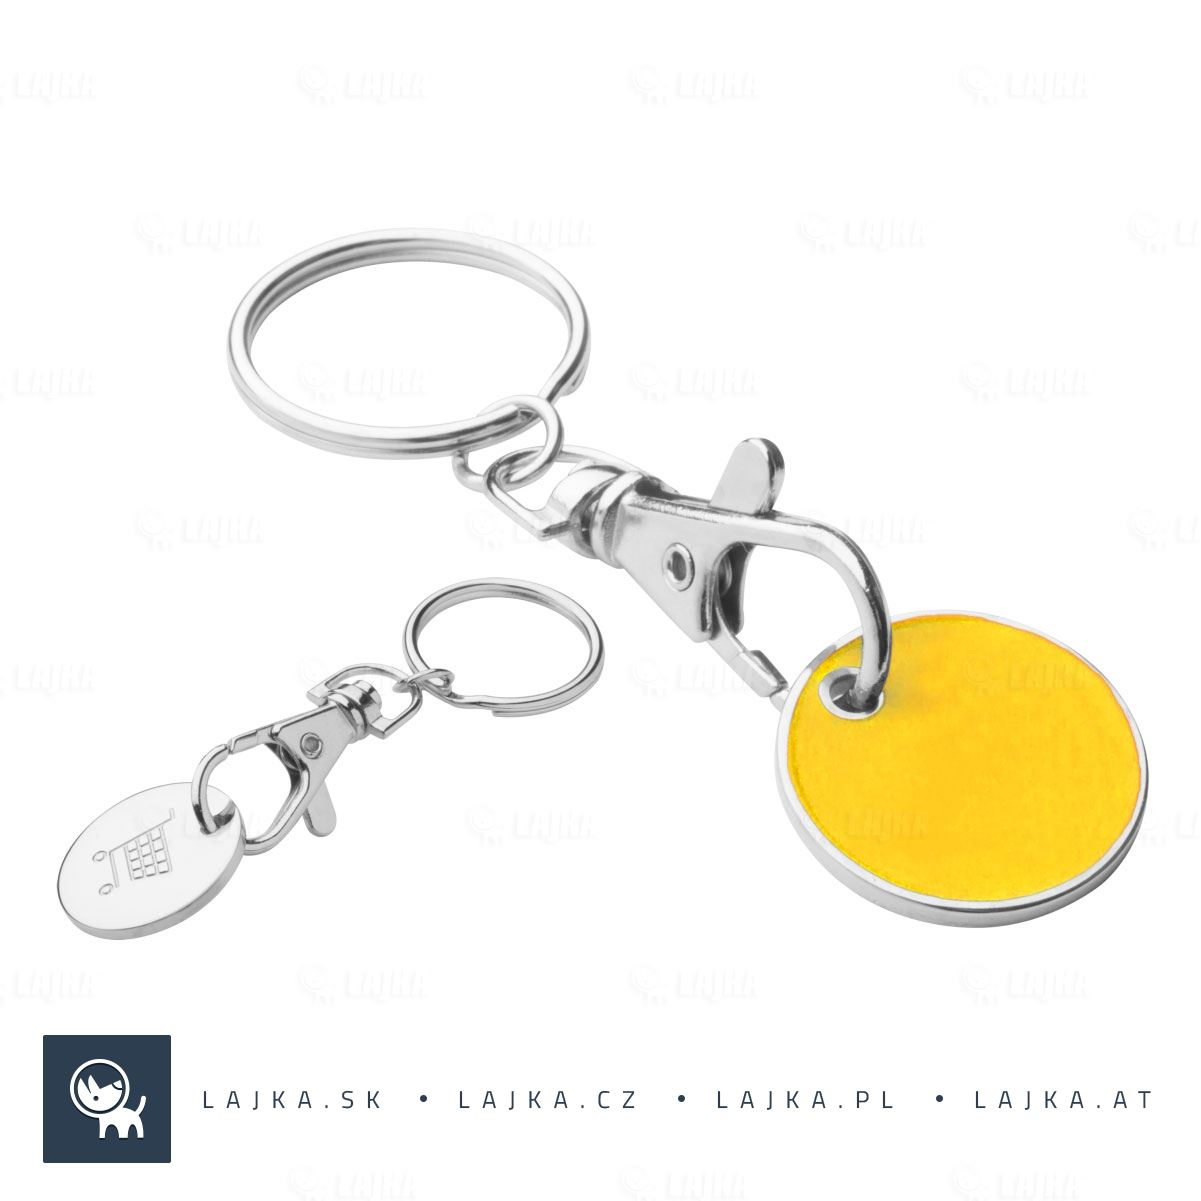 702e5e0e0 Prívesok na kľúče Euromarket, žltá   Reklamné Predmety